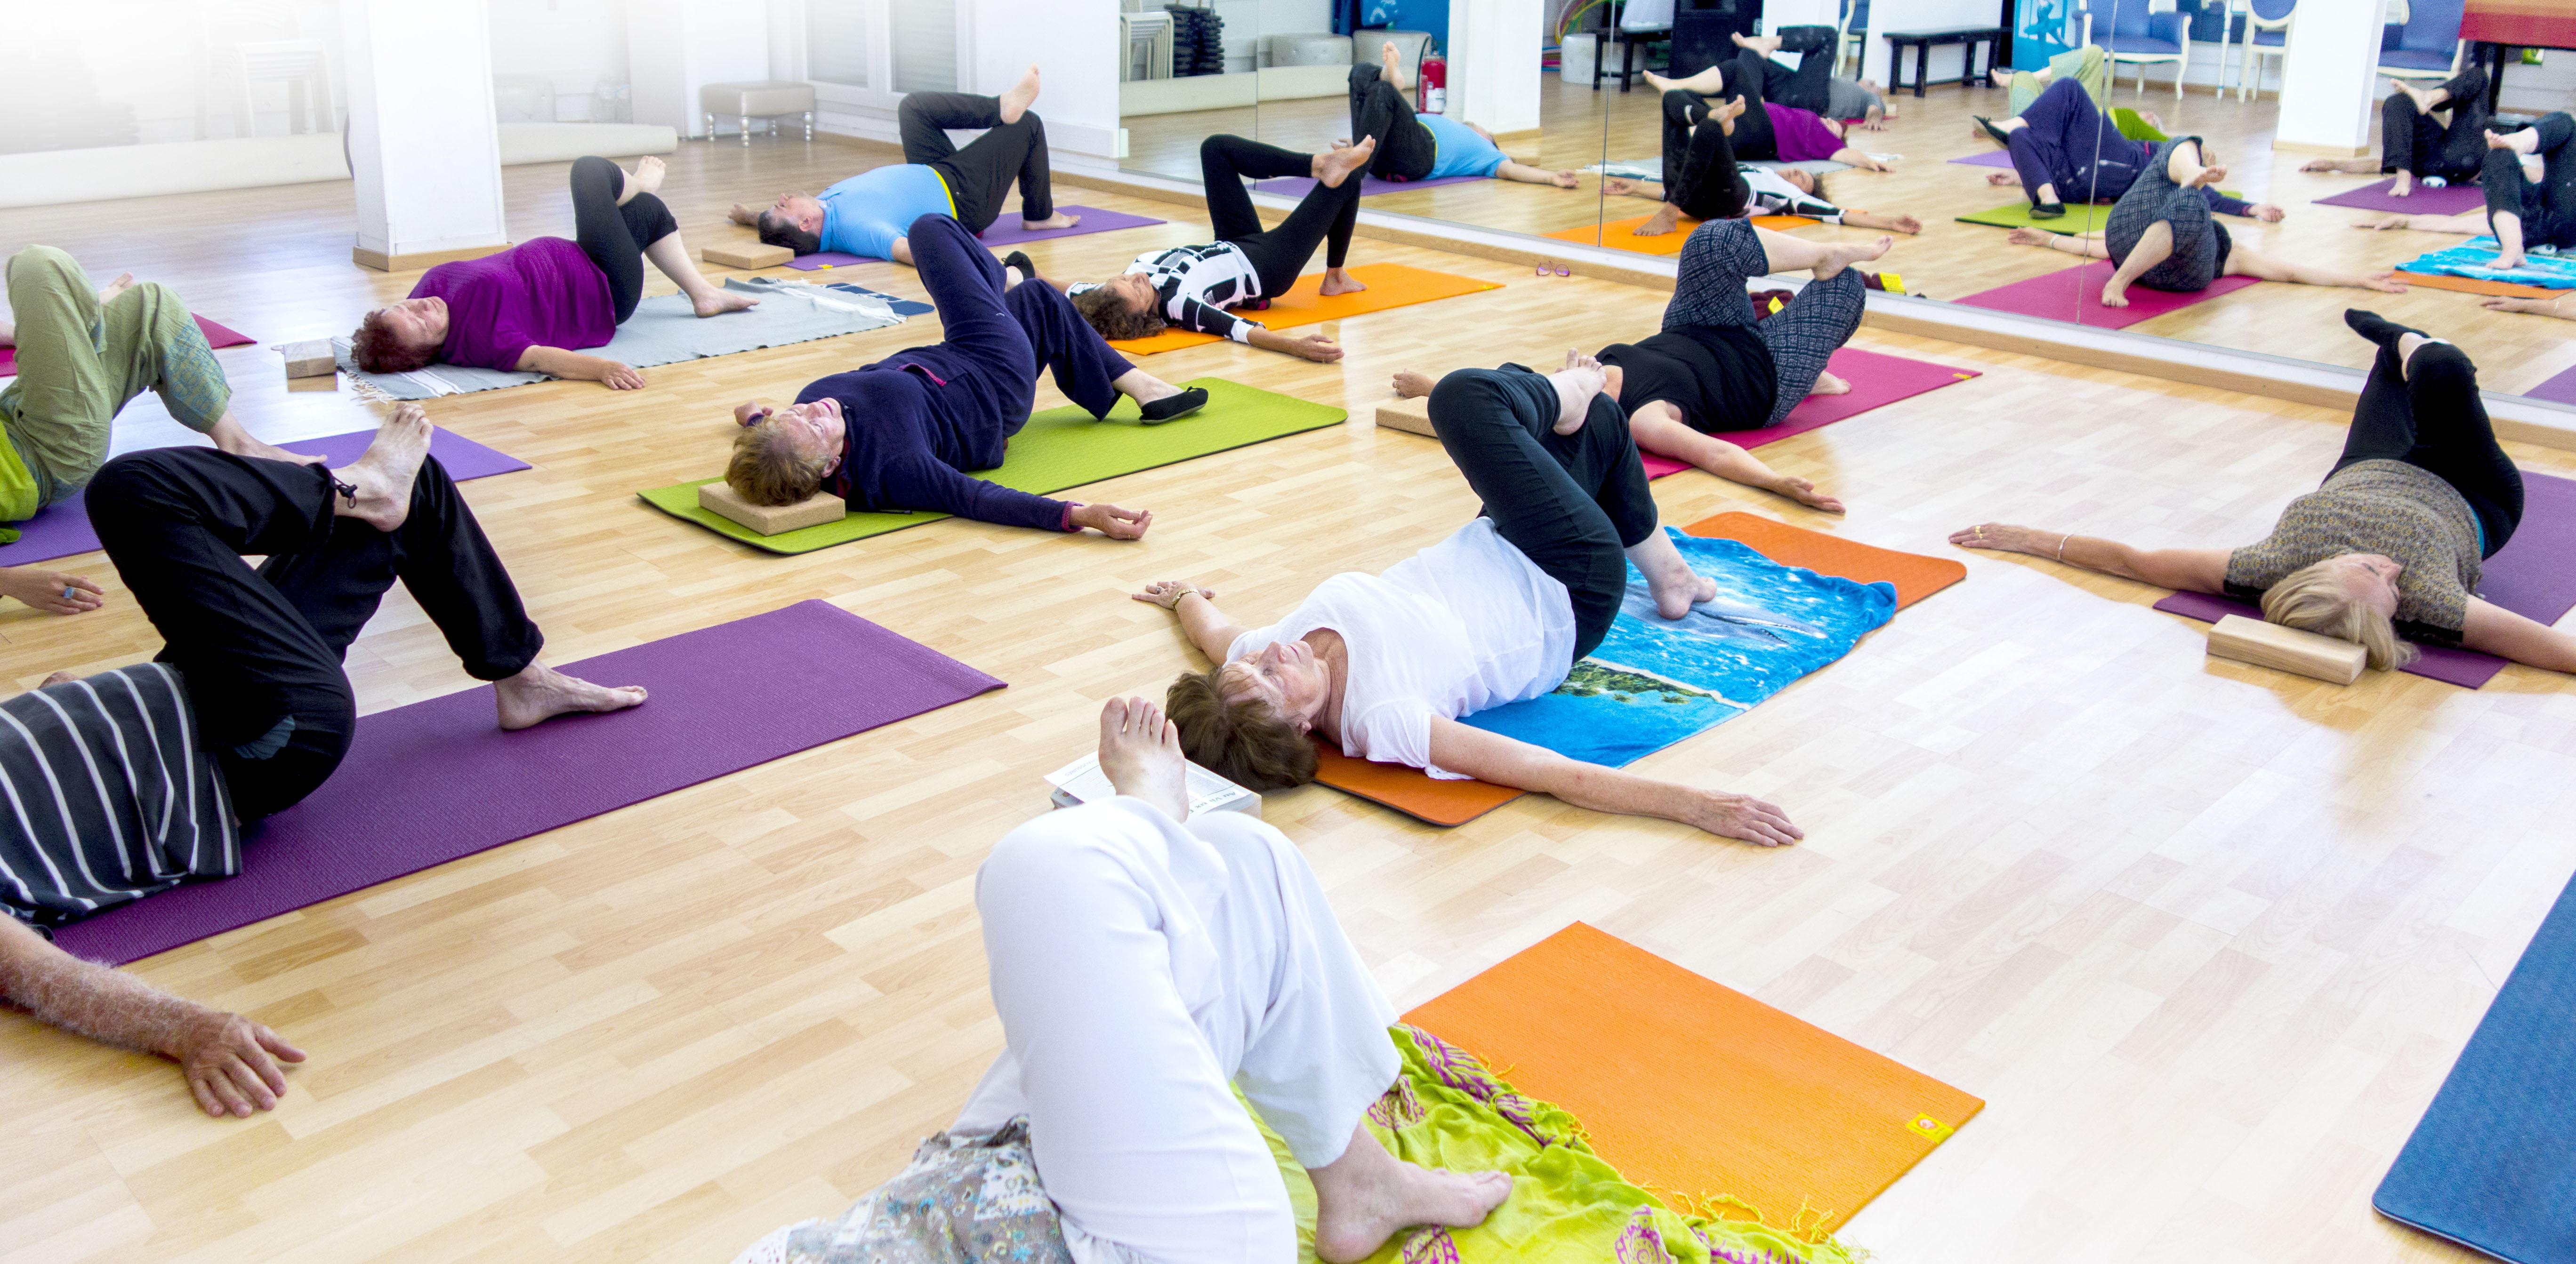 La Gymnastique Holistique Ehrenfried à Carcassonne : Paul Siemen praticien certifié